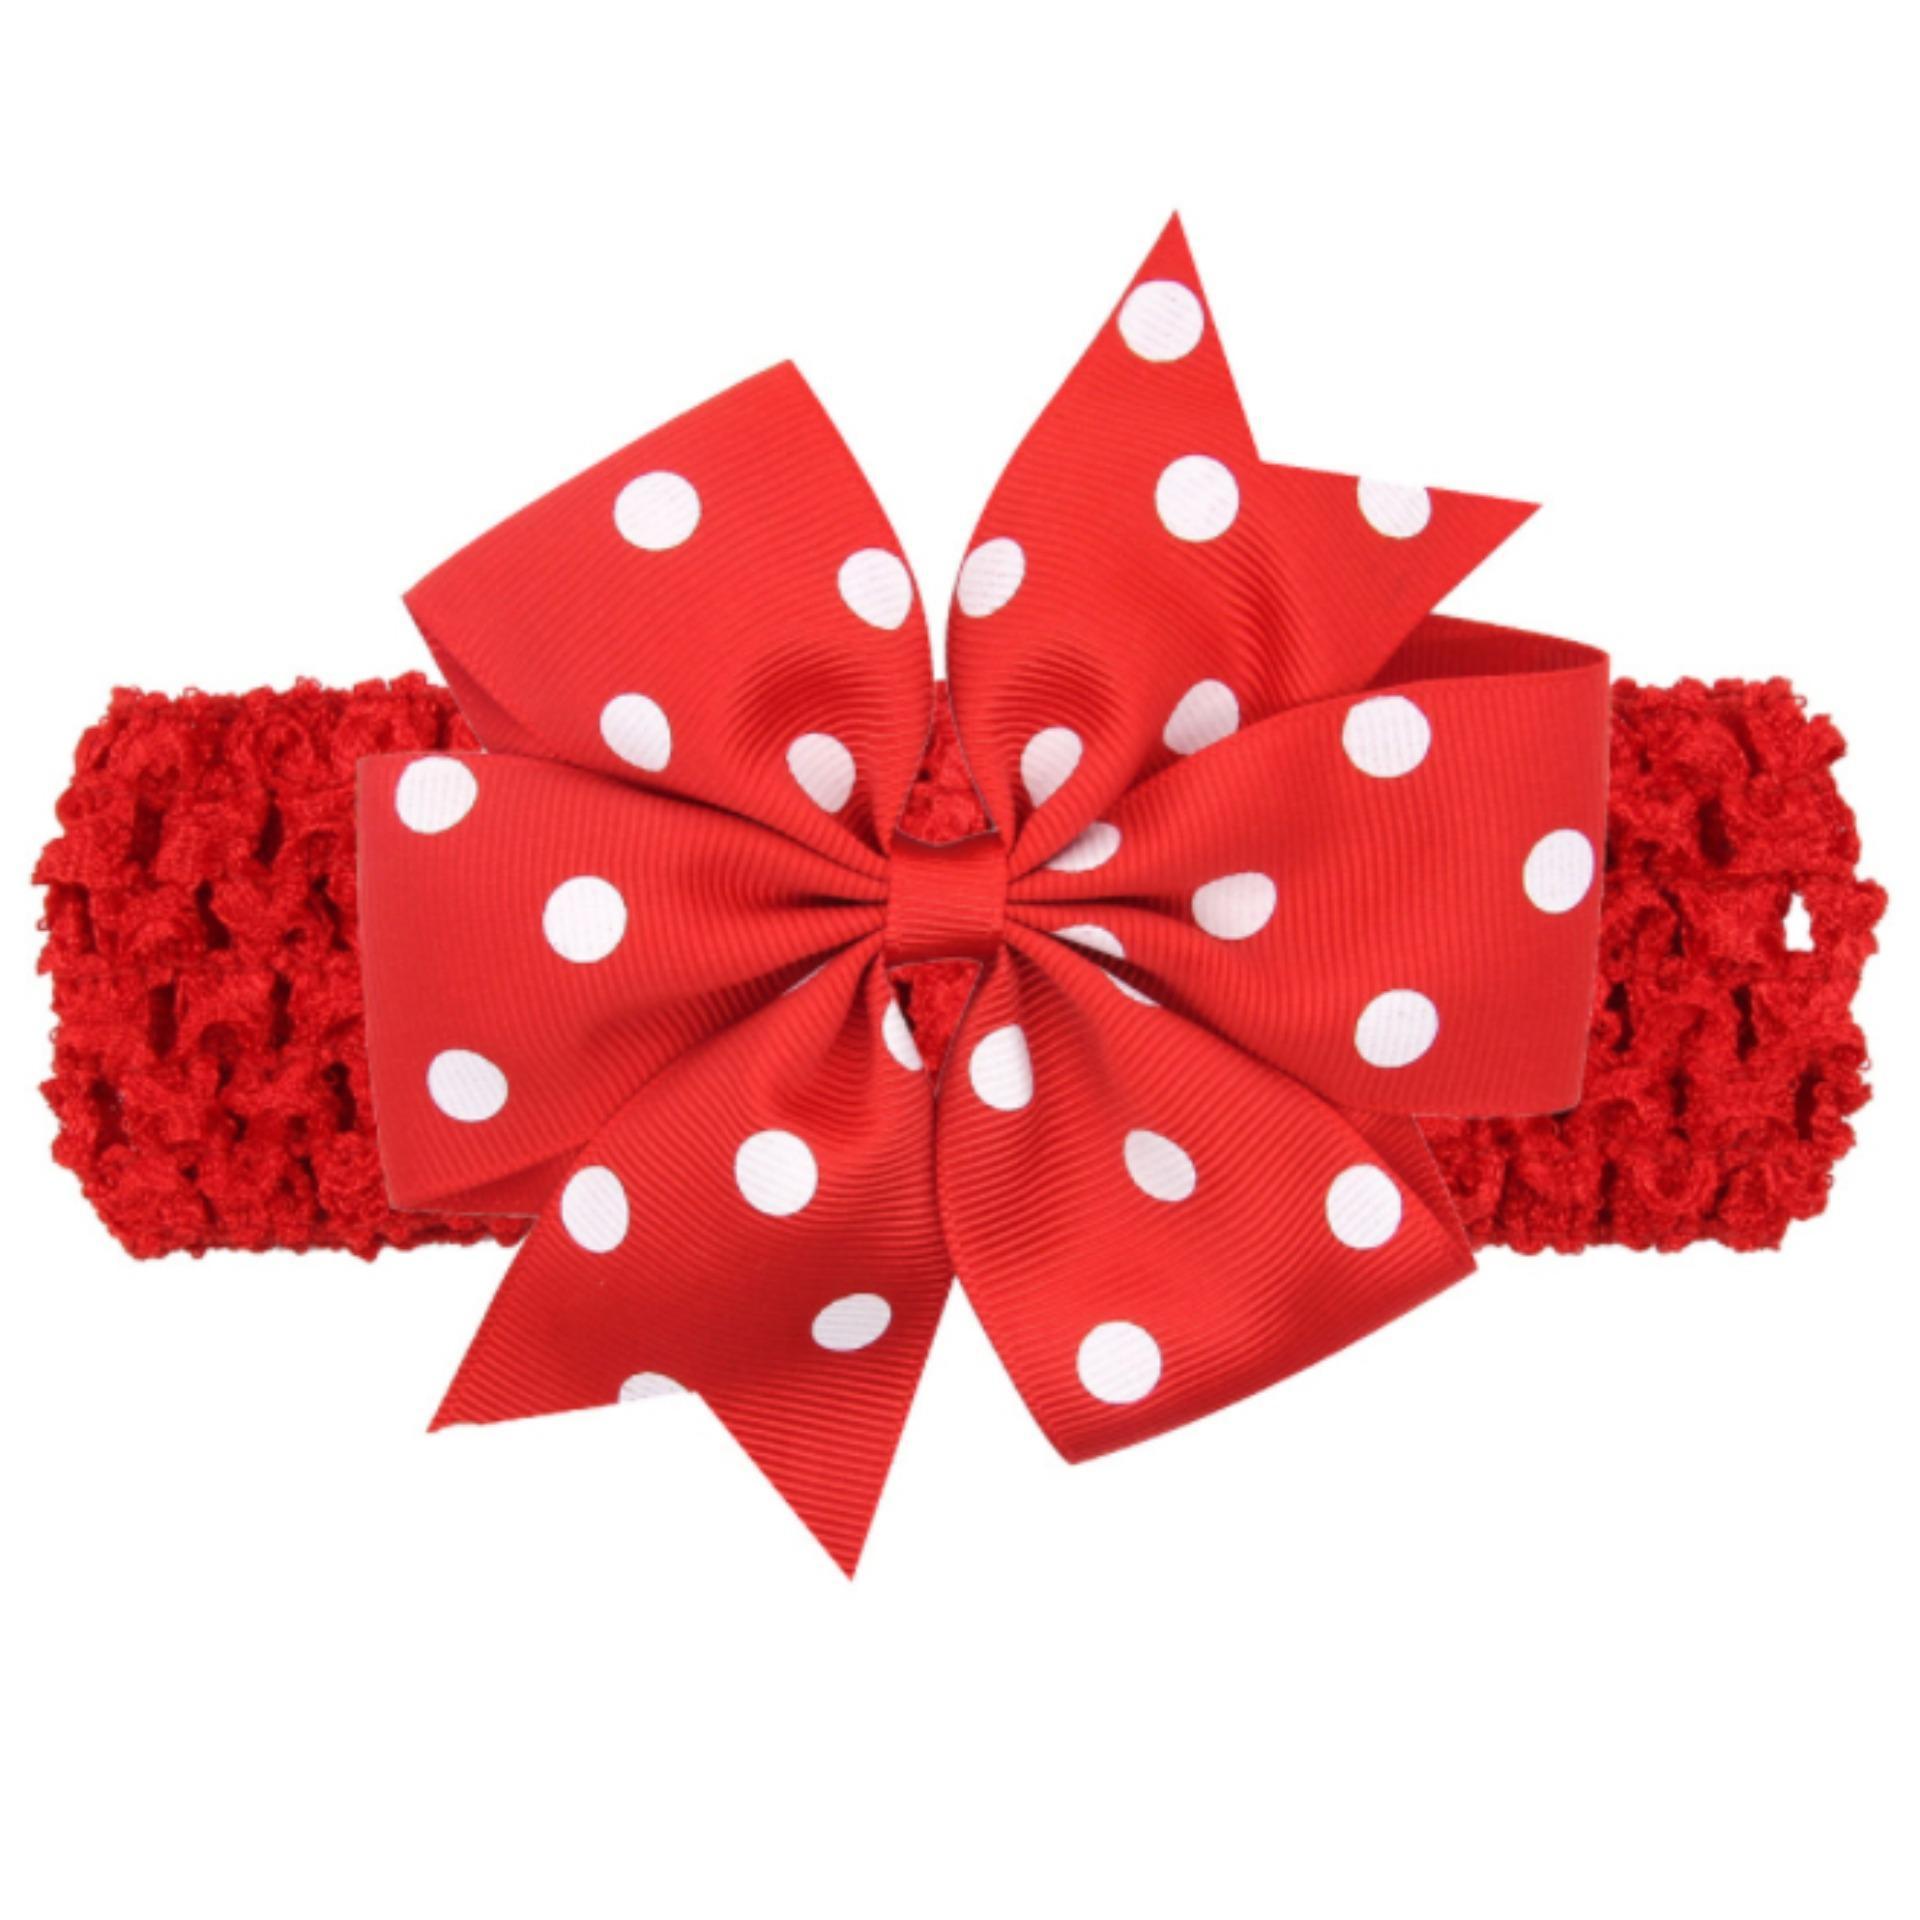 Băng đô handmade phong cách châu Âu AHBĐ5 mầu đỏ phụ kiện tóc cho bé thêm yêu